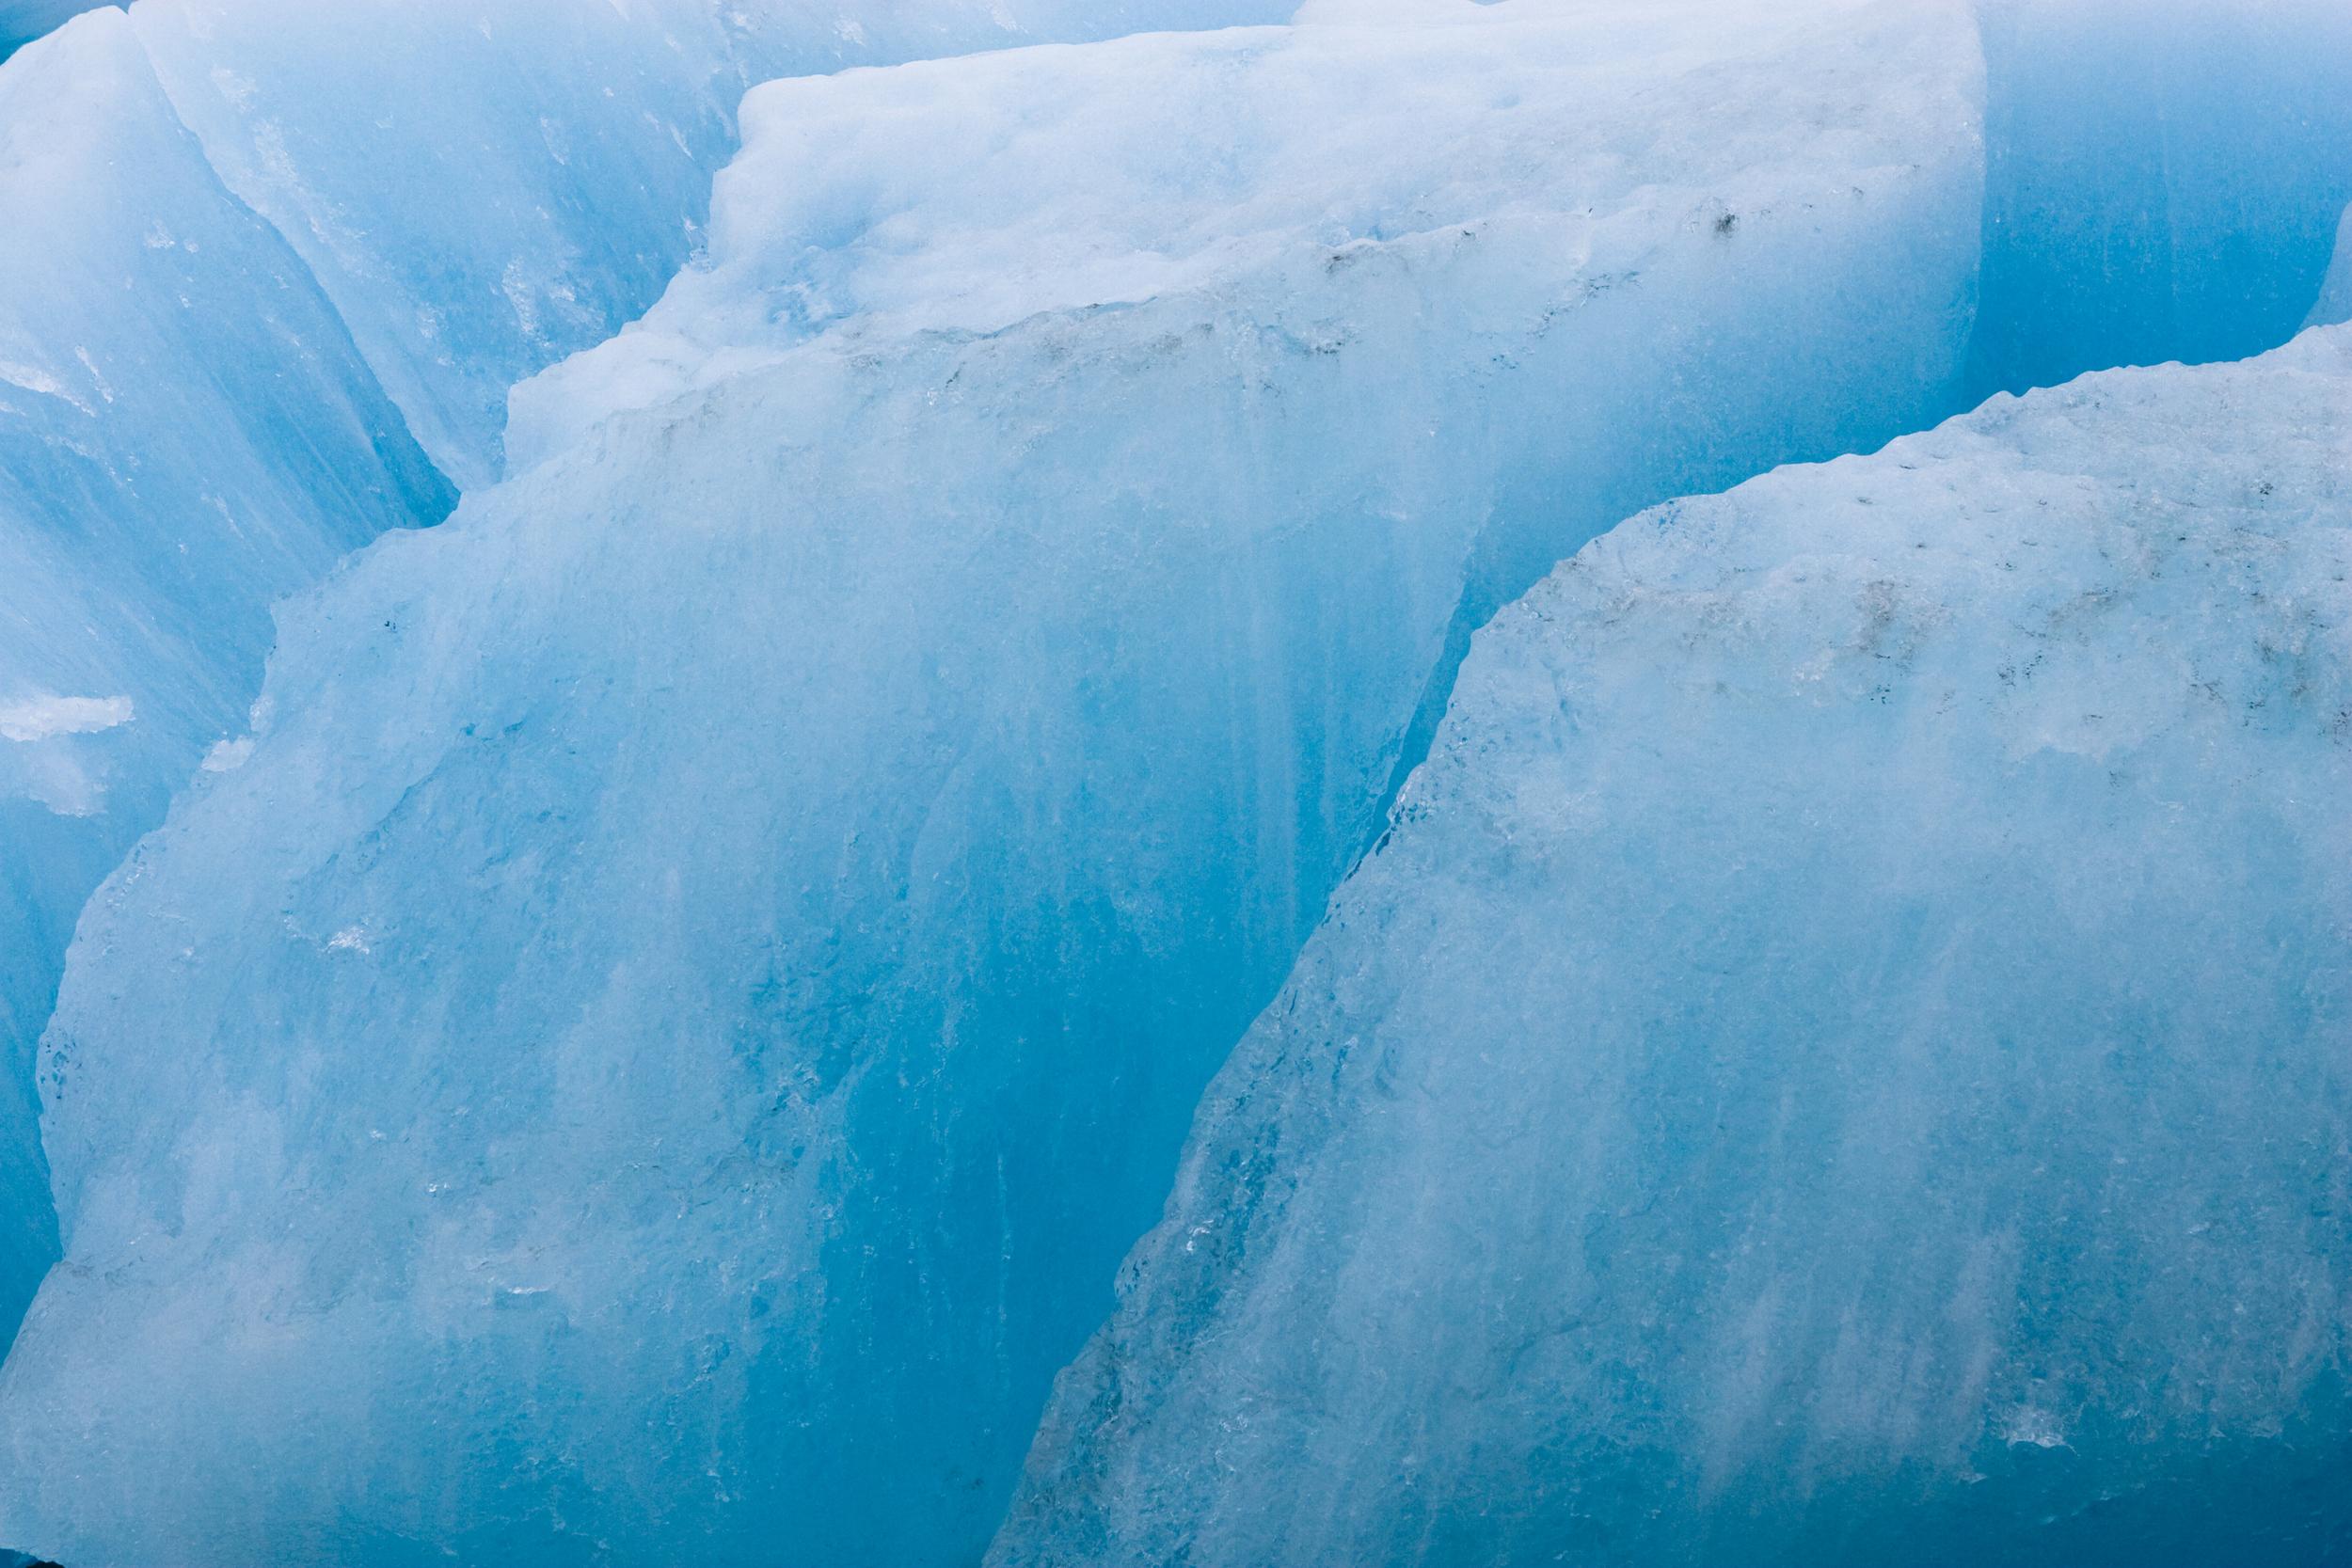 Glacial ice glowing blue. Margerie Glacier, Glacier Bay National Park, Alaska.